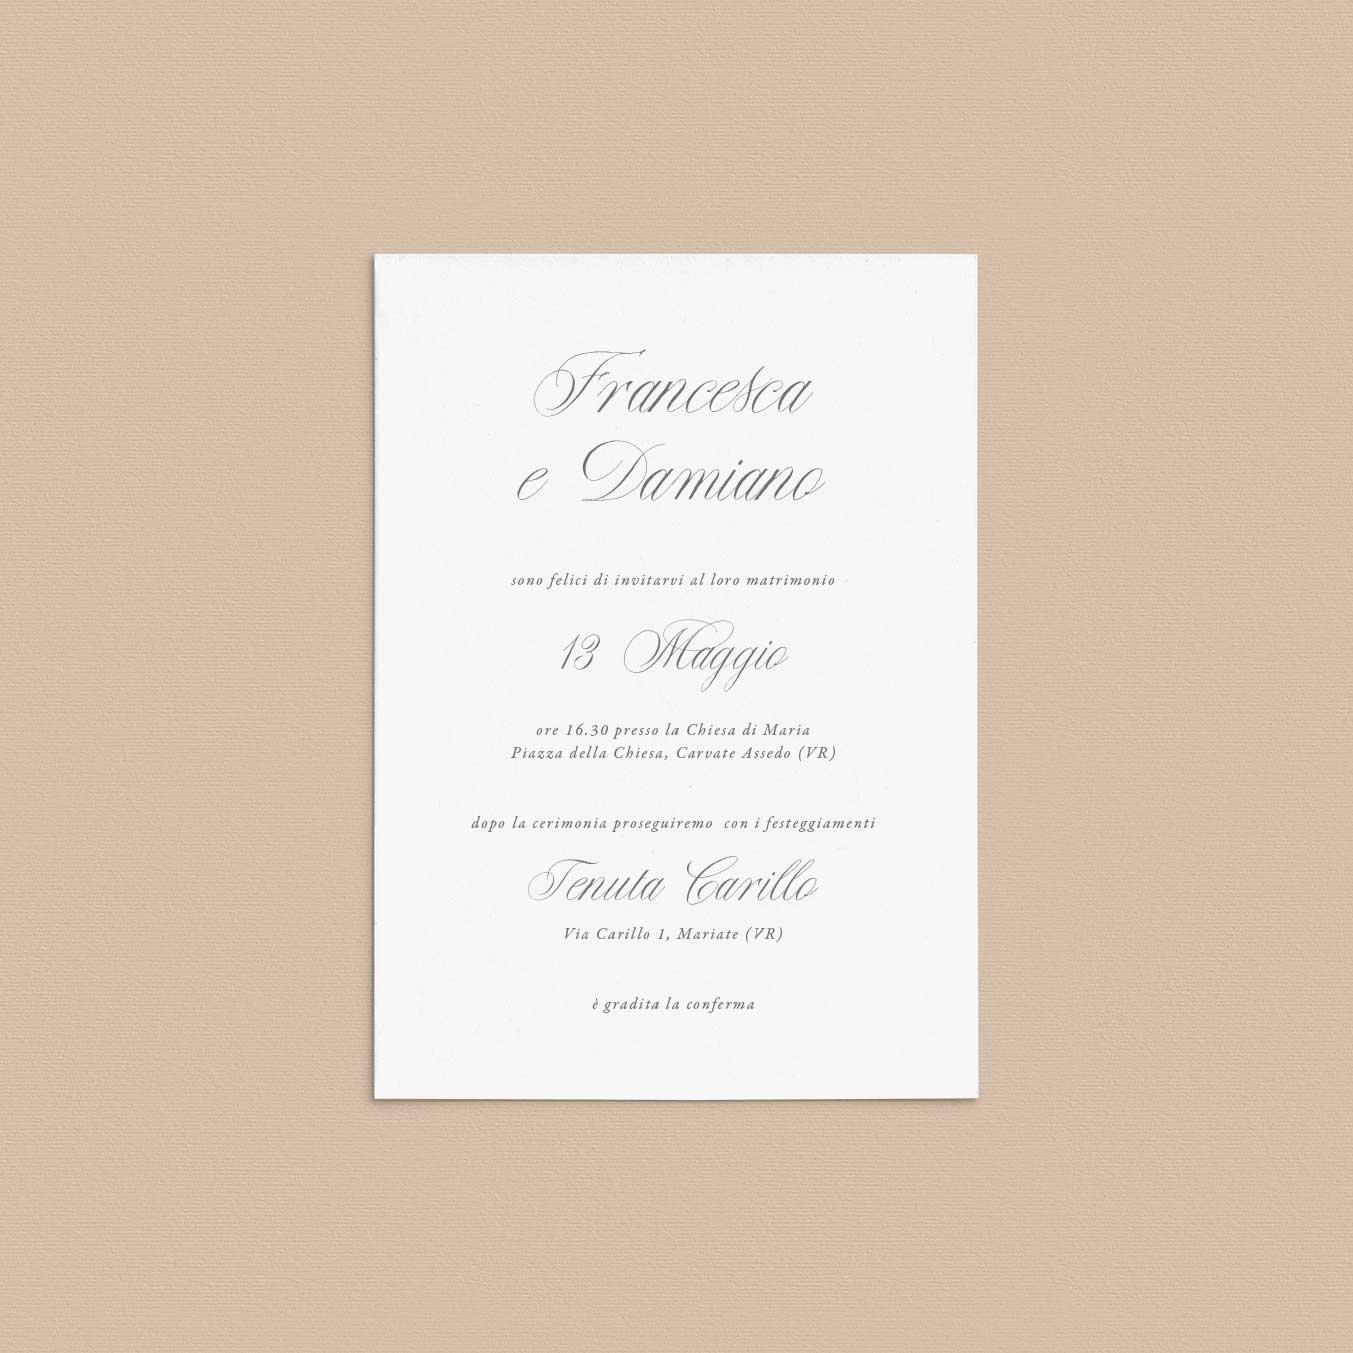 Inviti-di-matrimonio-partecipazioni-di-nozze-classici-classico-elegante-semplici-modelli